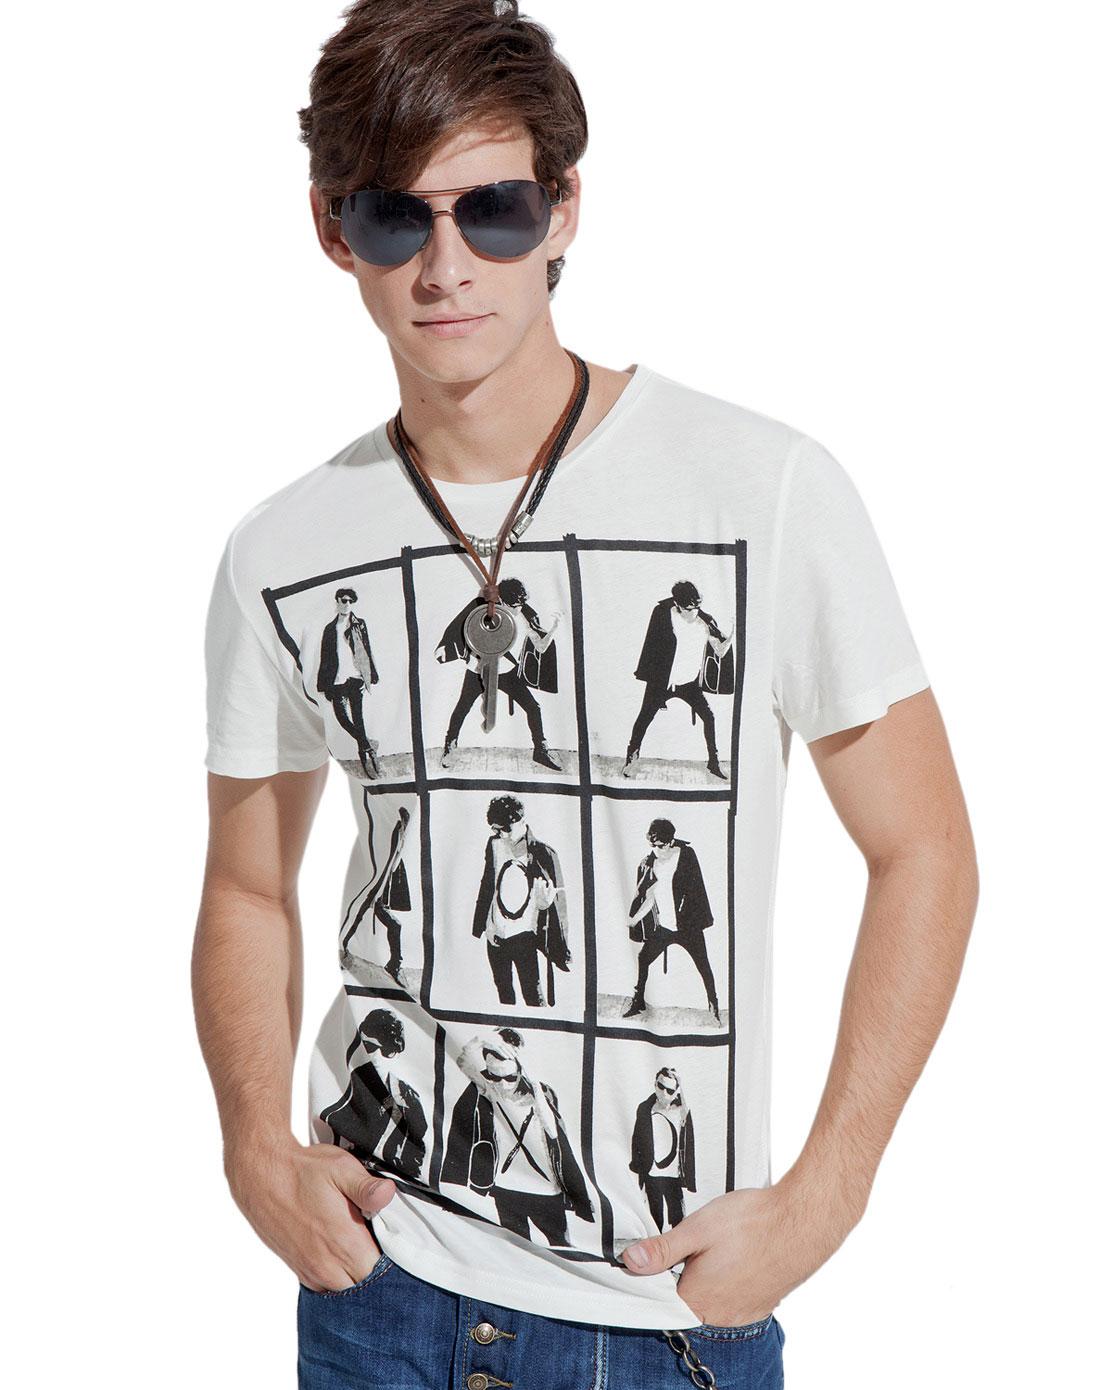 白色人物图案休闲短袖t恤